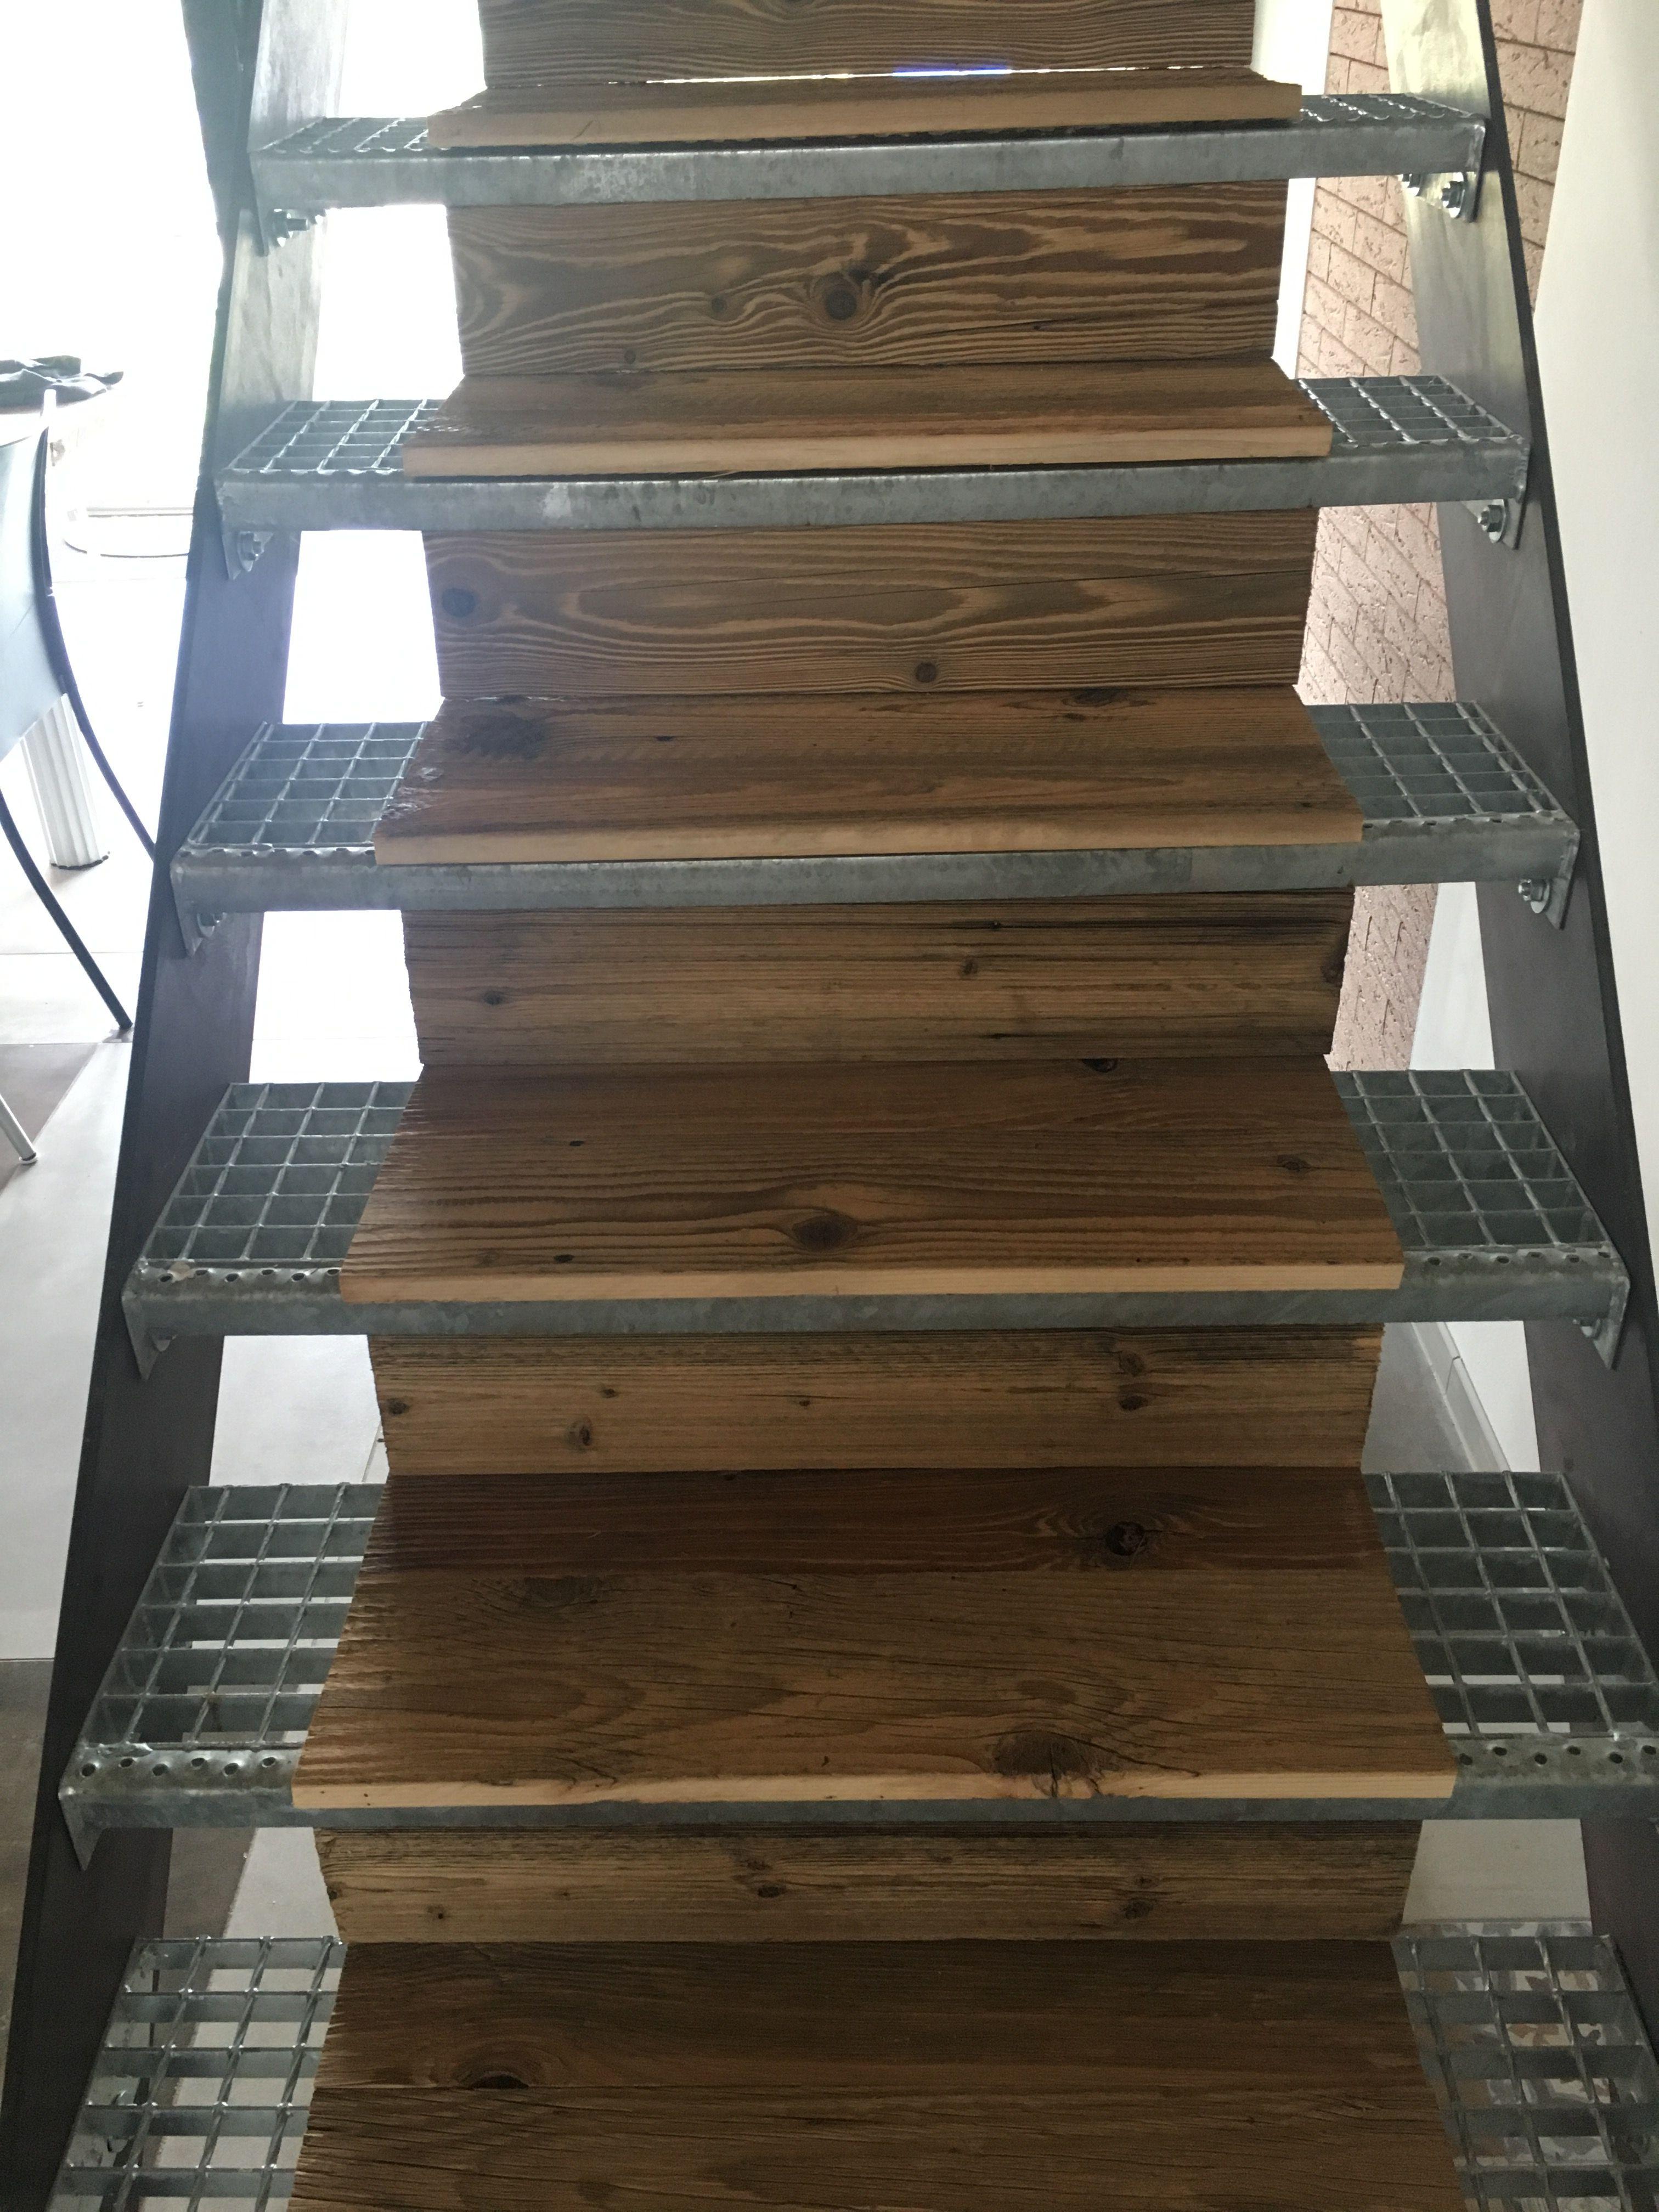 Trittschutz Treppe   Treppe Selber Bauen Stahlwangen Verschraubt Mit Gitteroststufen